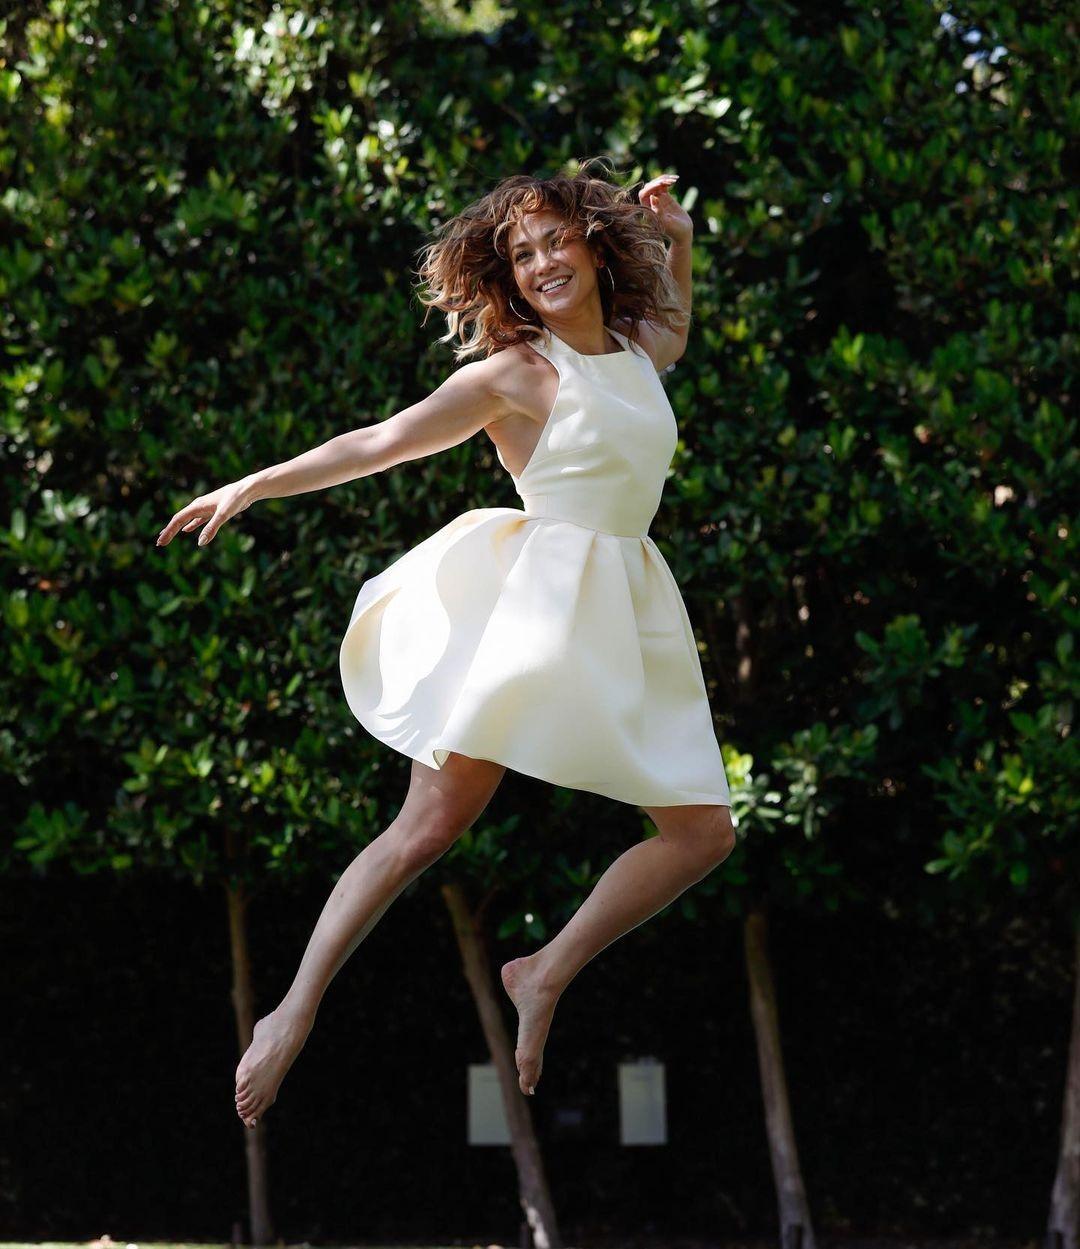 Актриса Эшли Тисдейл рассказала, что ей помогает улучшить душевное состояние и психическое здоровье